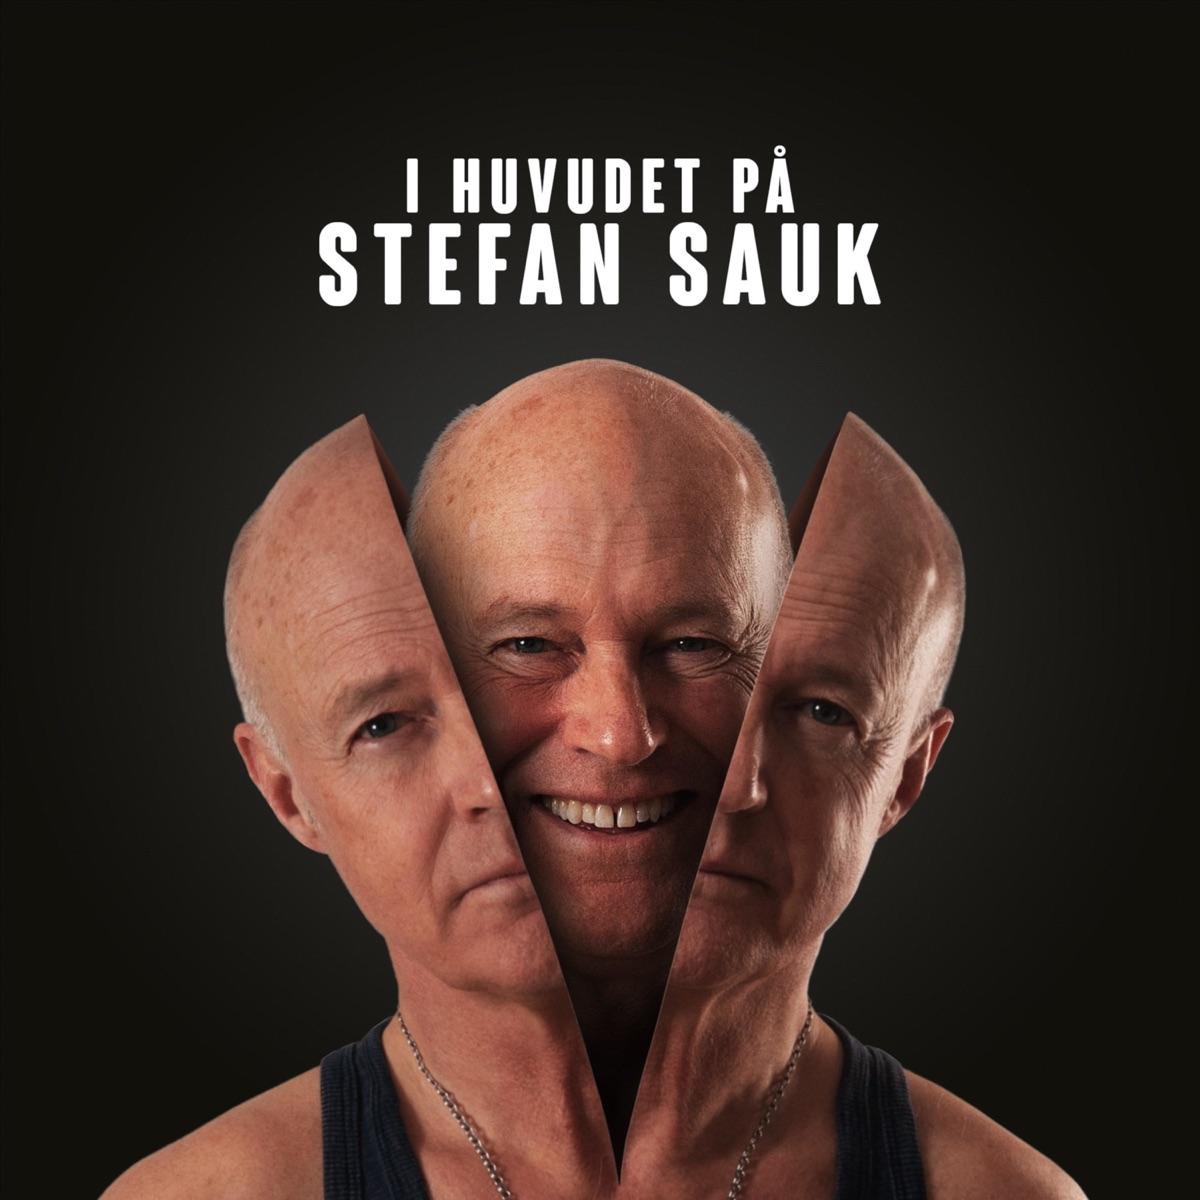 I huvudet på Stefan Sauk